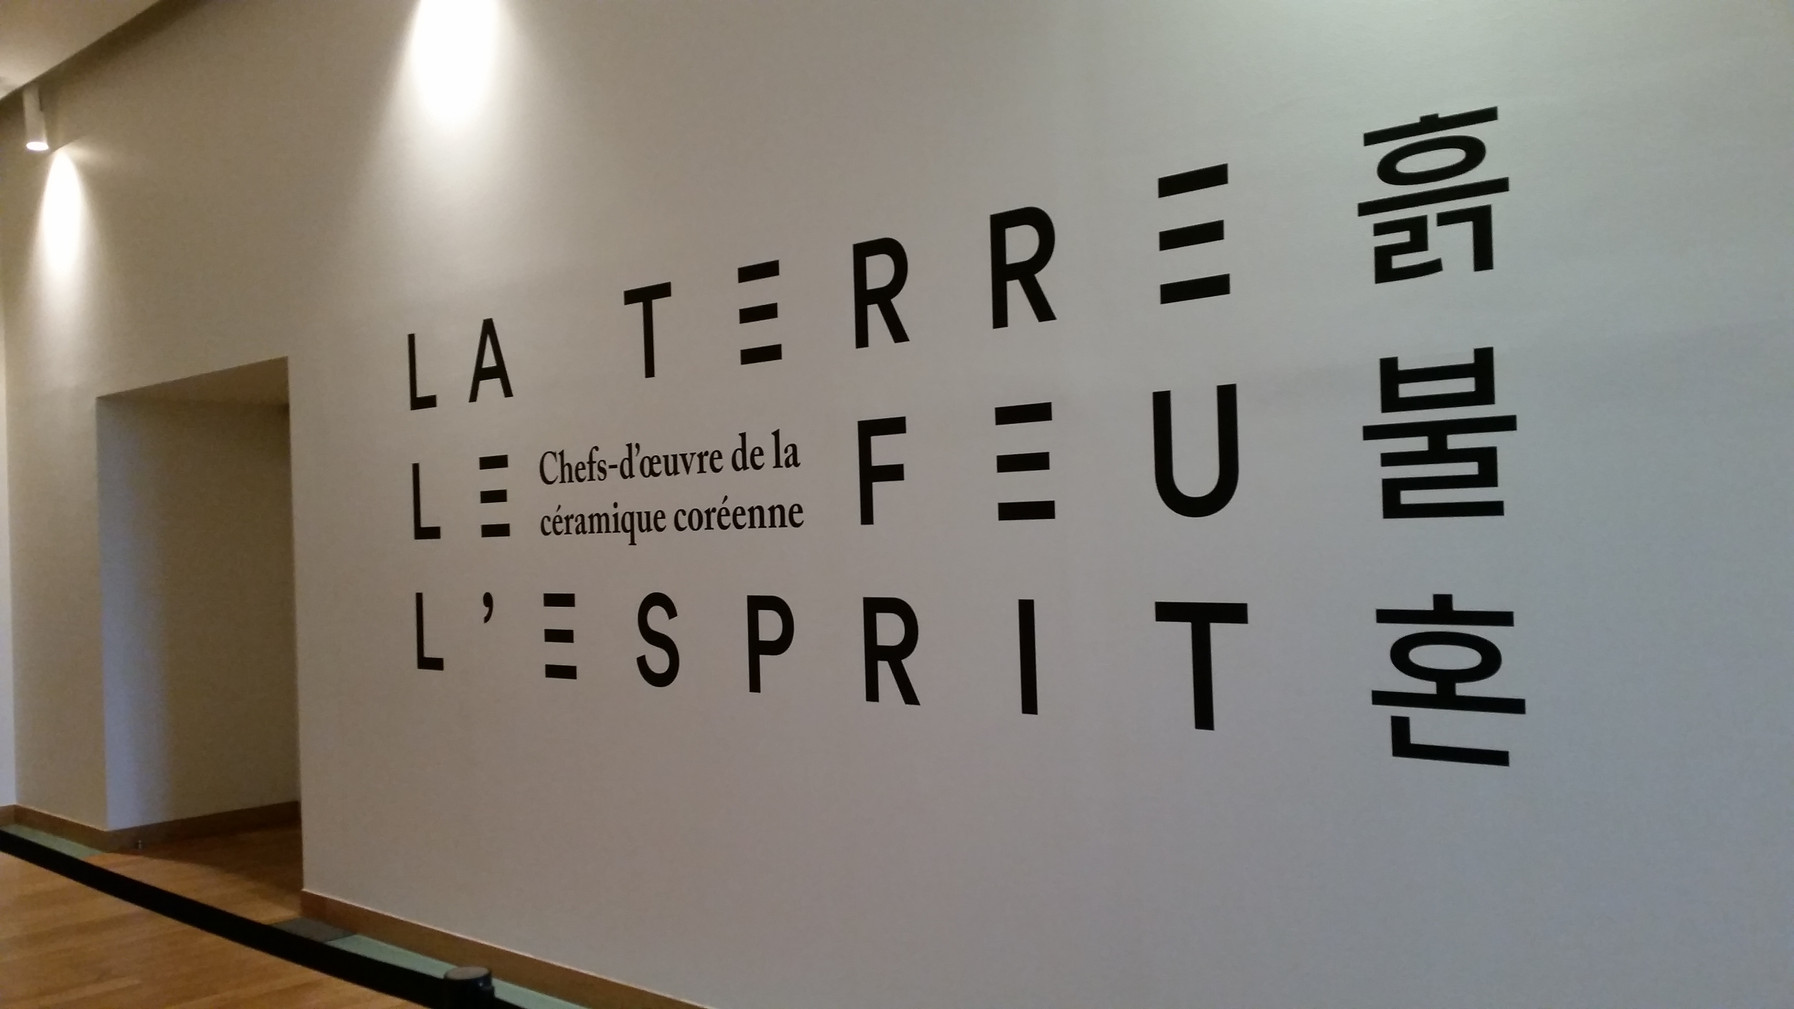 Installation view, La Terre Le Feu L'esprit,Grand Palais, Paris,France